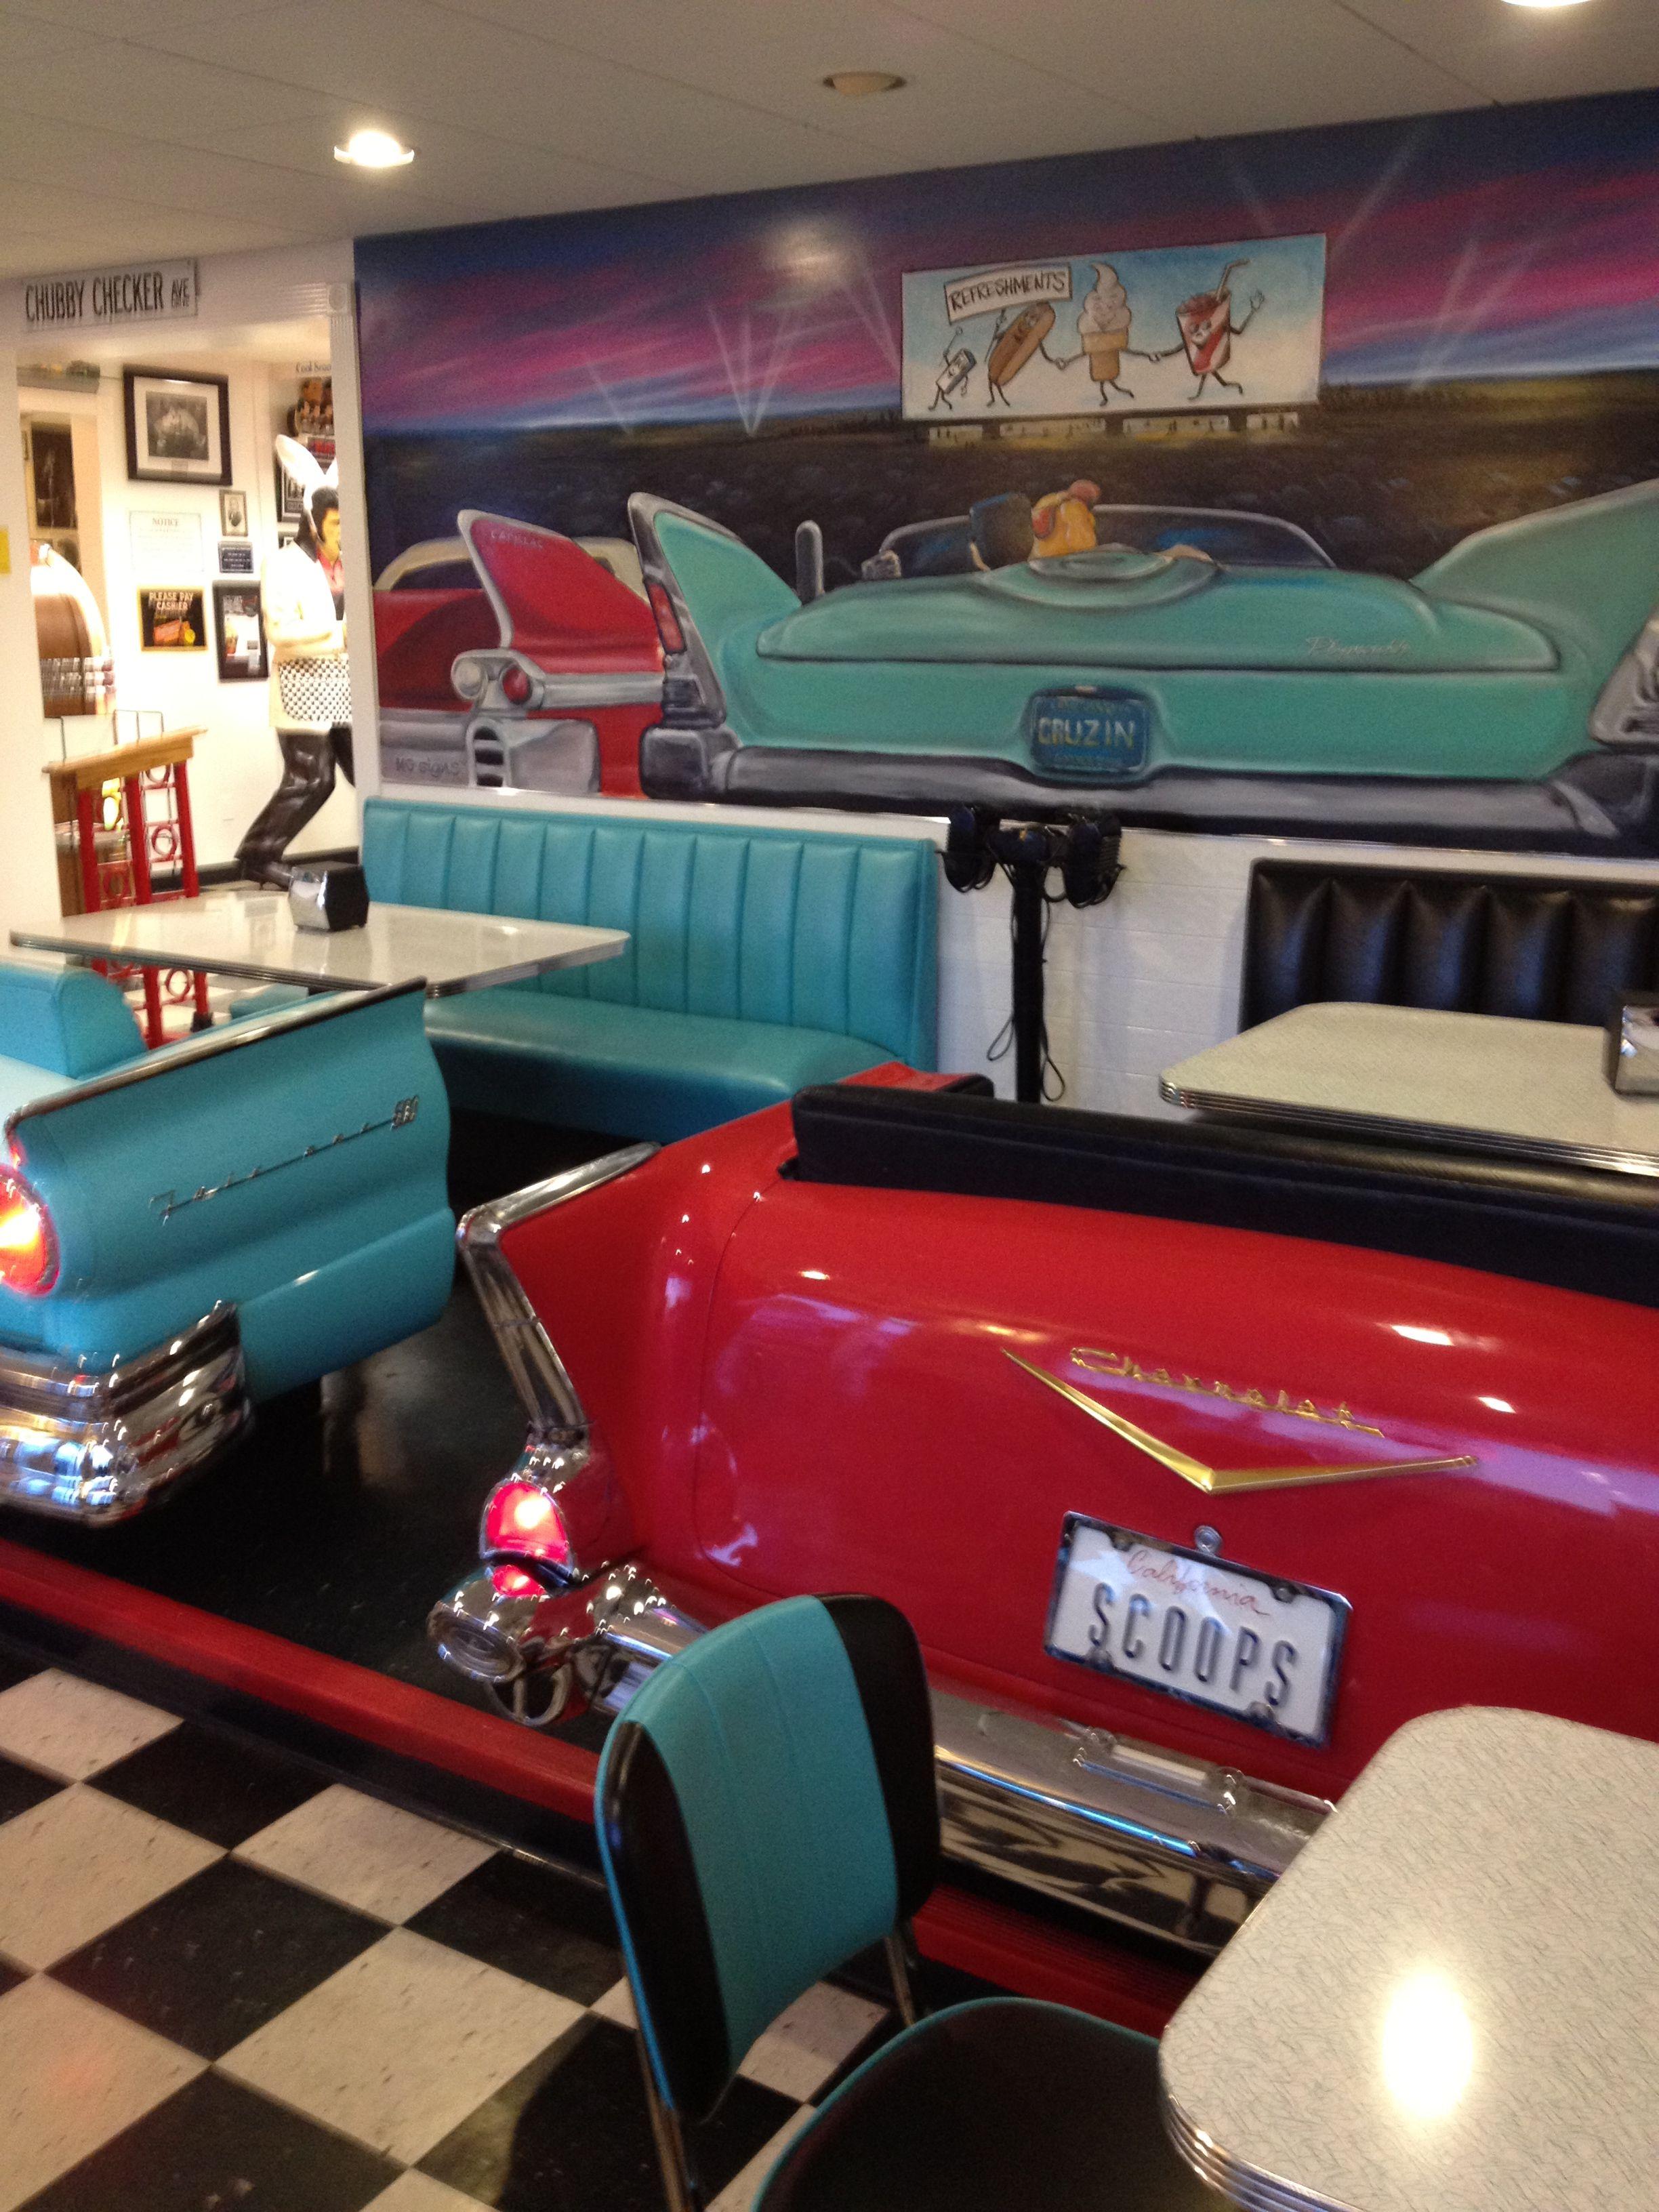 cool scoops ice cream shop north wildwood nj we u0027ve been here a